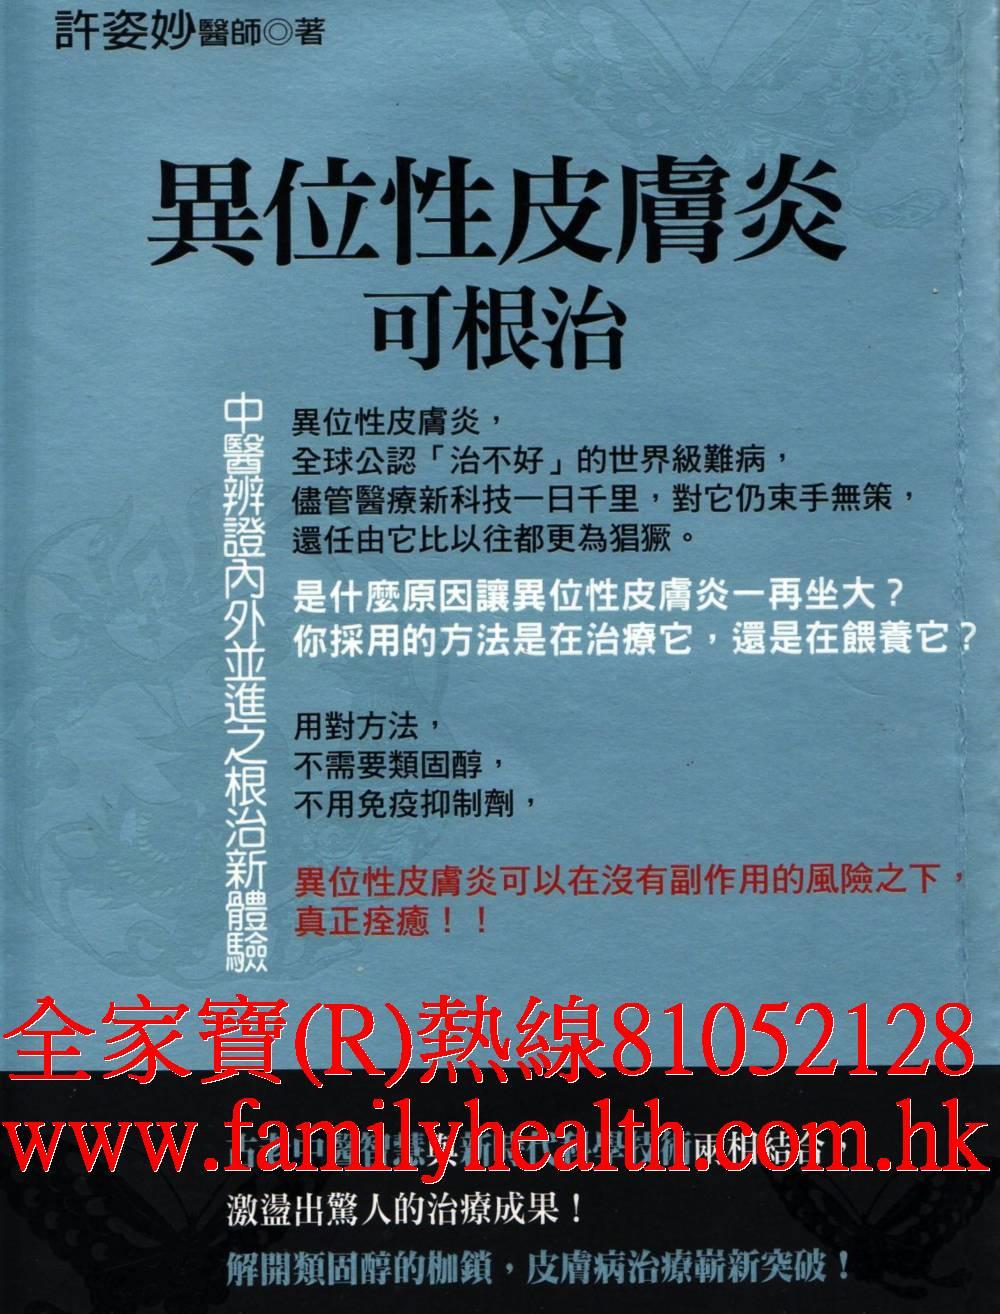 http://www.familyhealth.com.hk/files/full/923_0.jpg